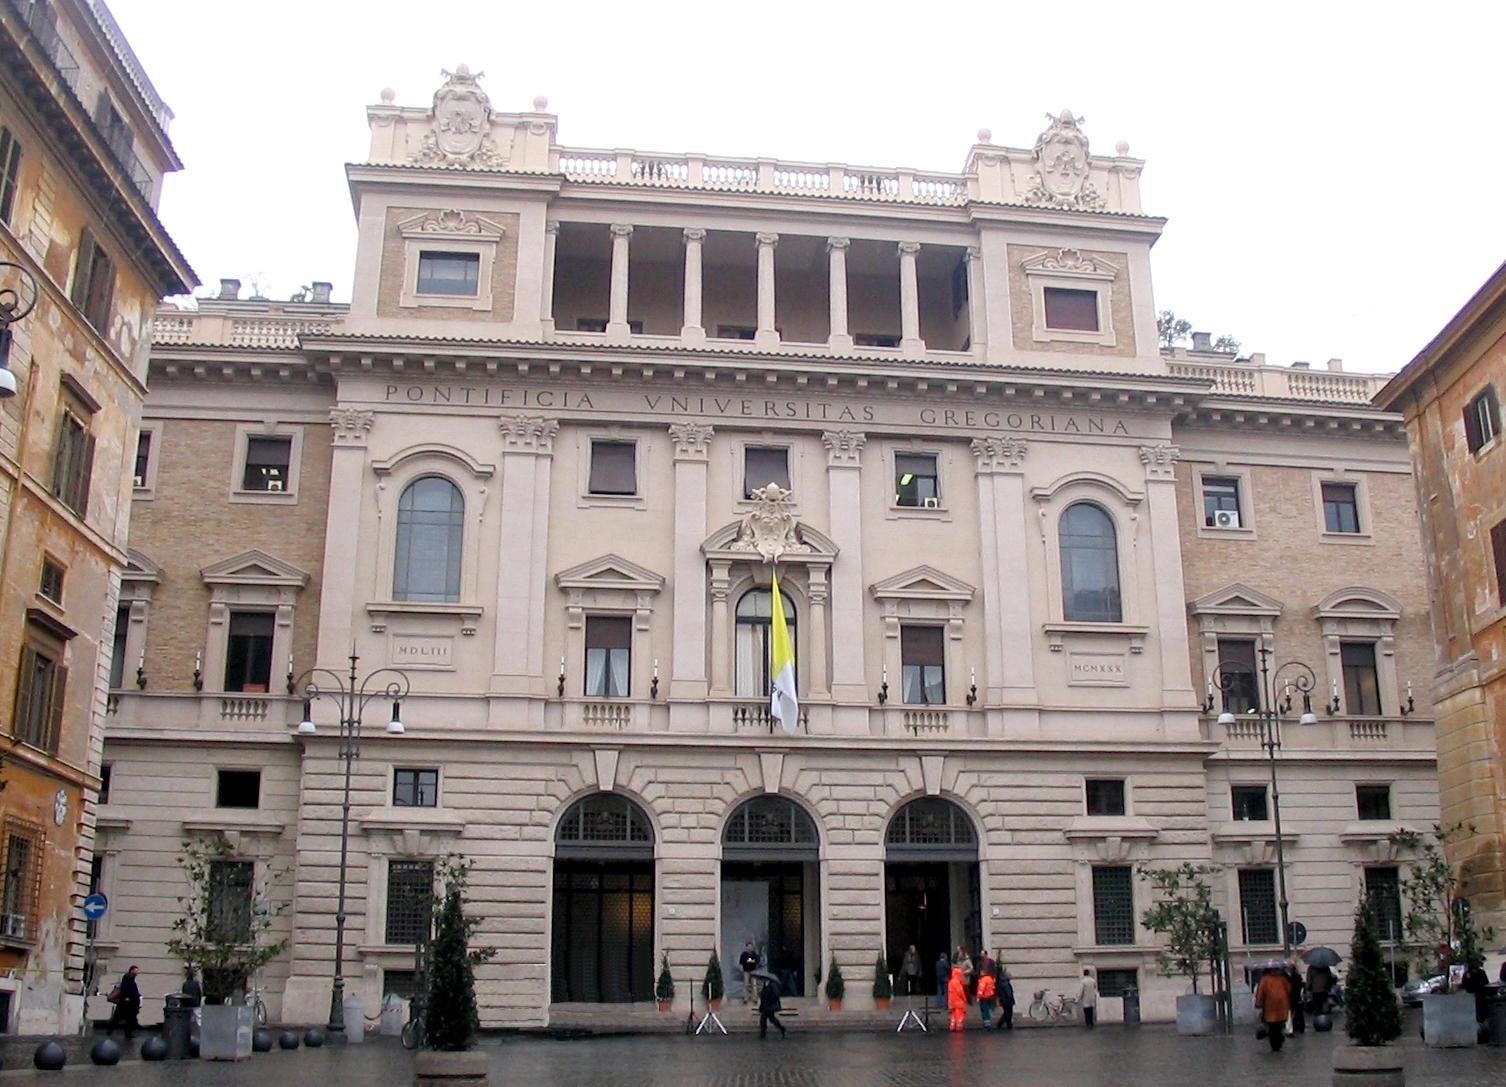 Pontificia Universidad Gregoriana. Foto de archivo (Zenit)